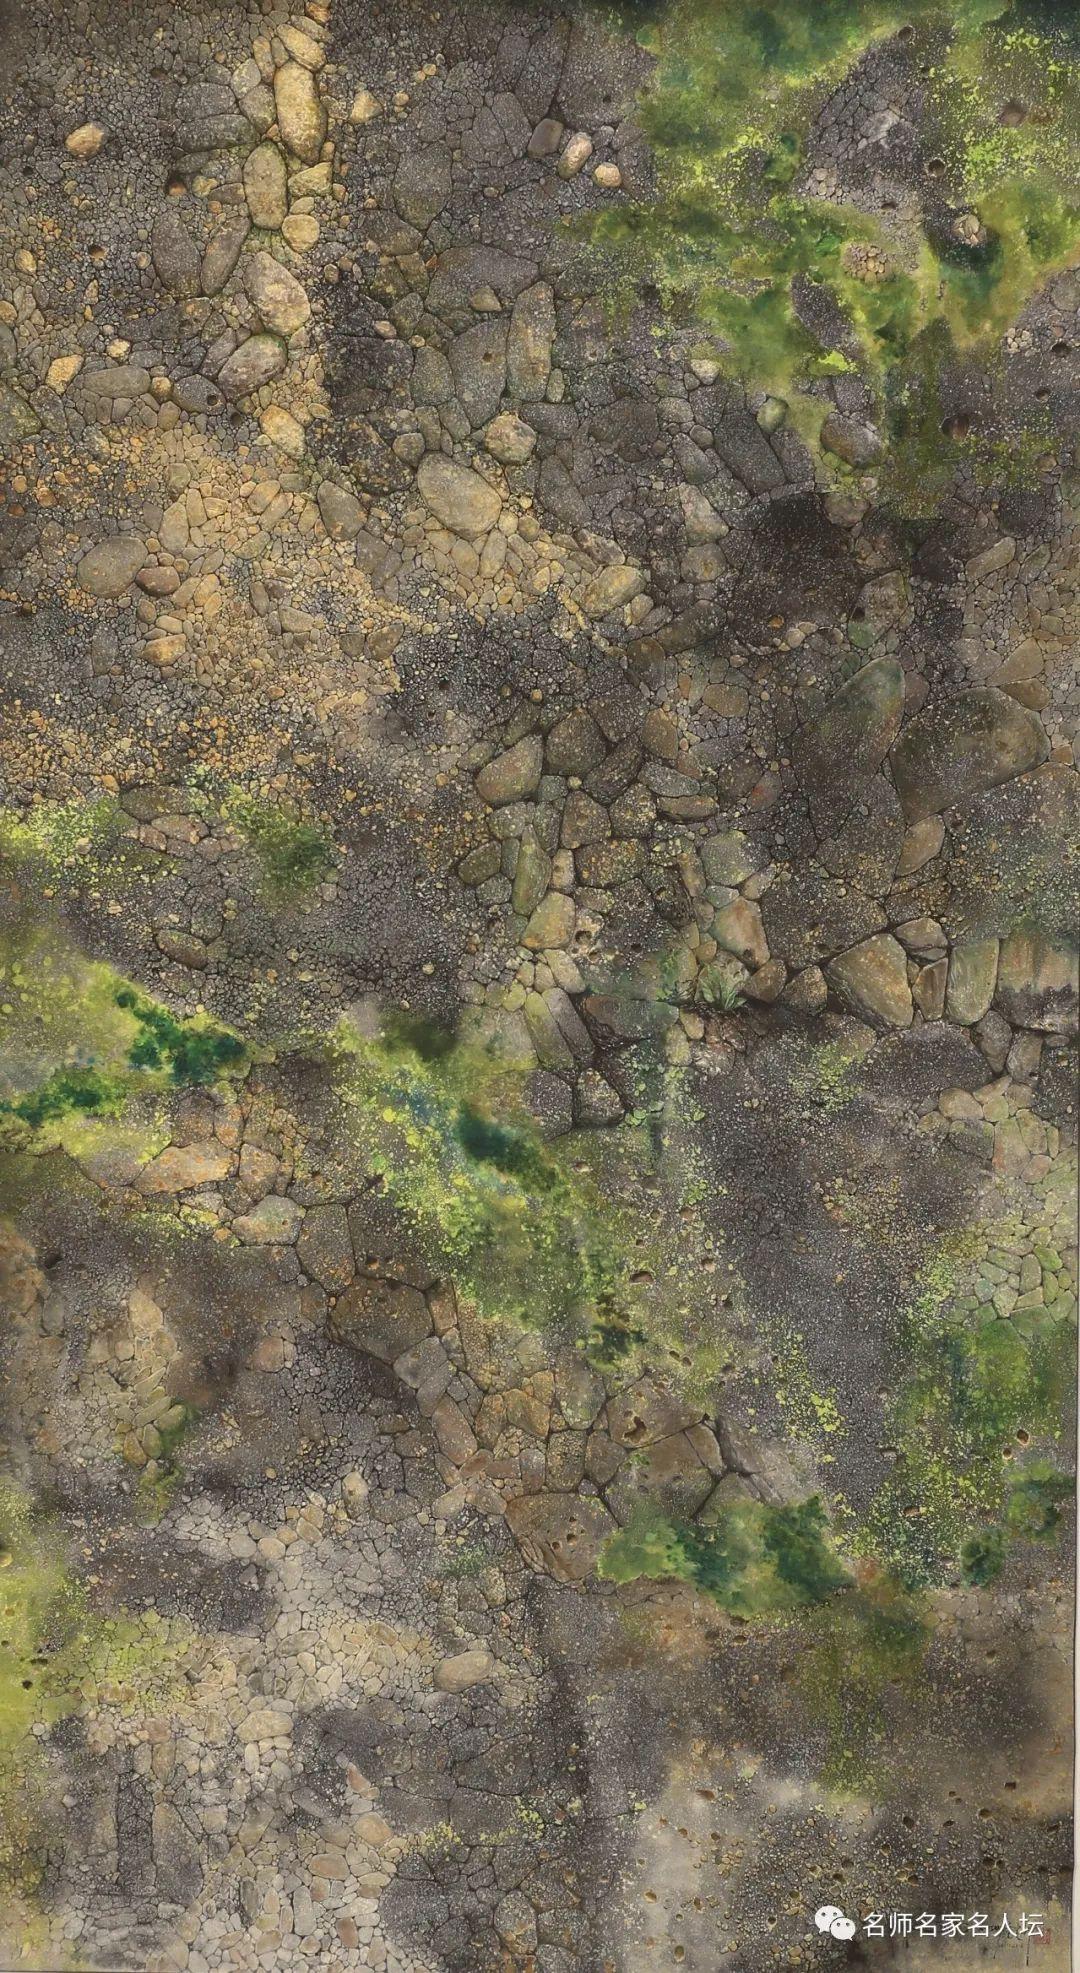 著名评论家胡金全评香港画家鍾建新画《天长地久》之二:价值是观者的体验之和